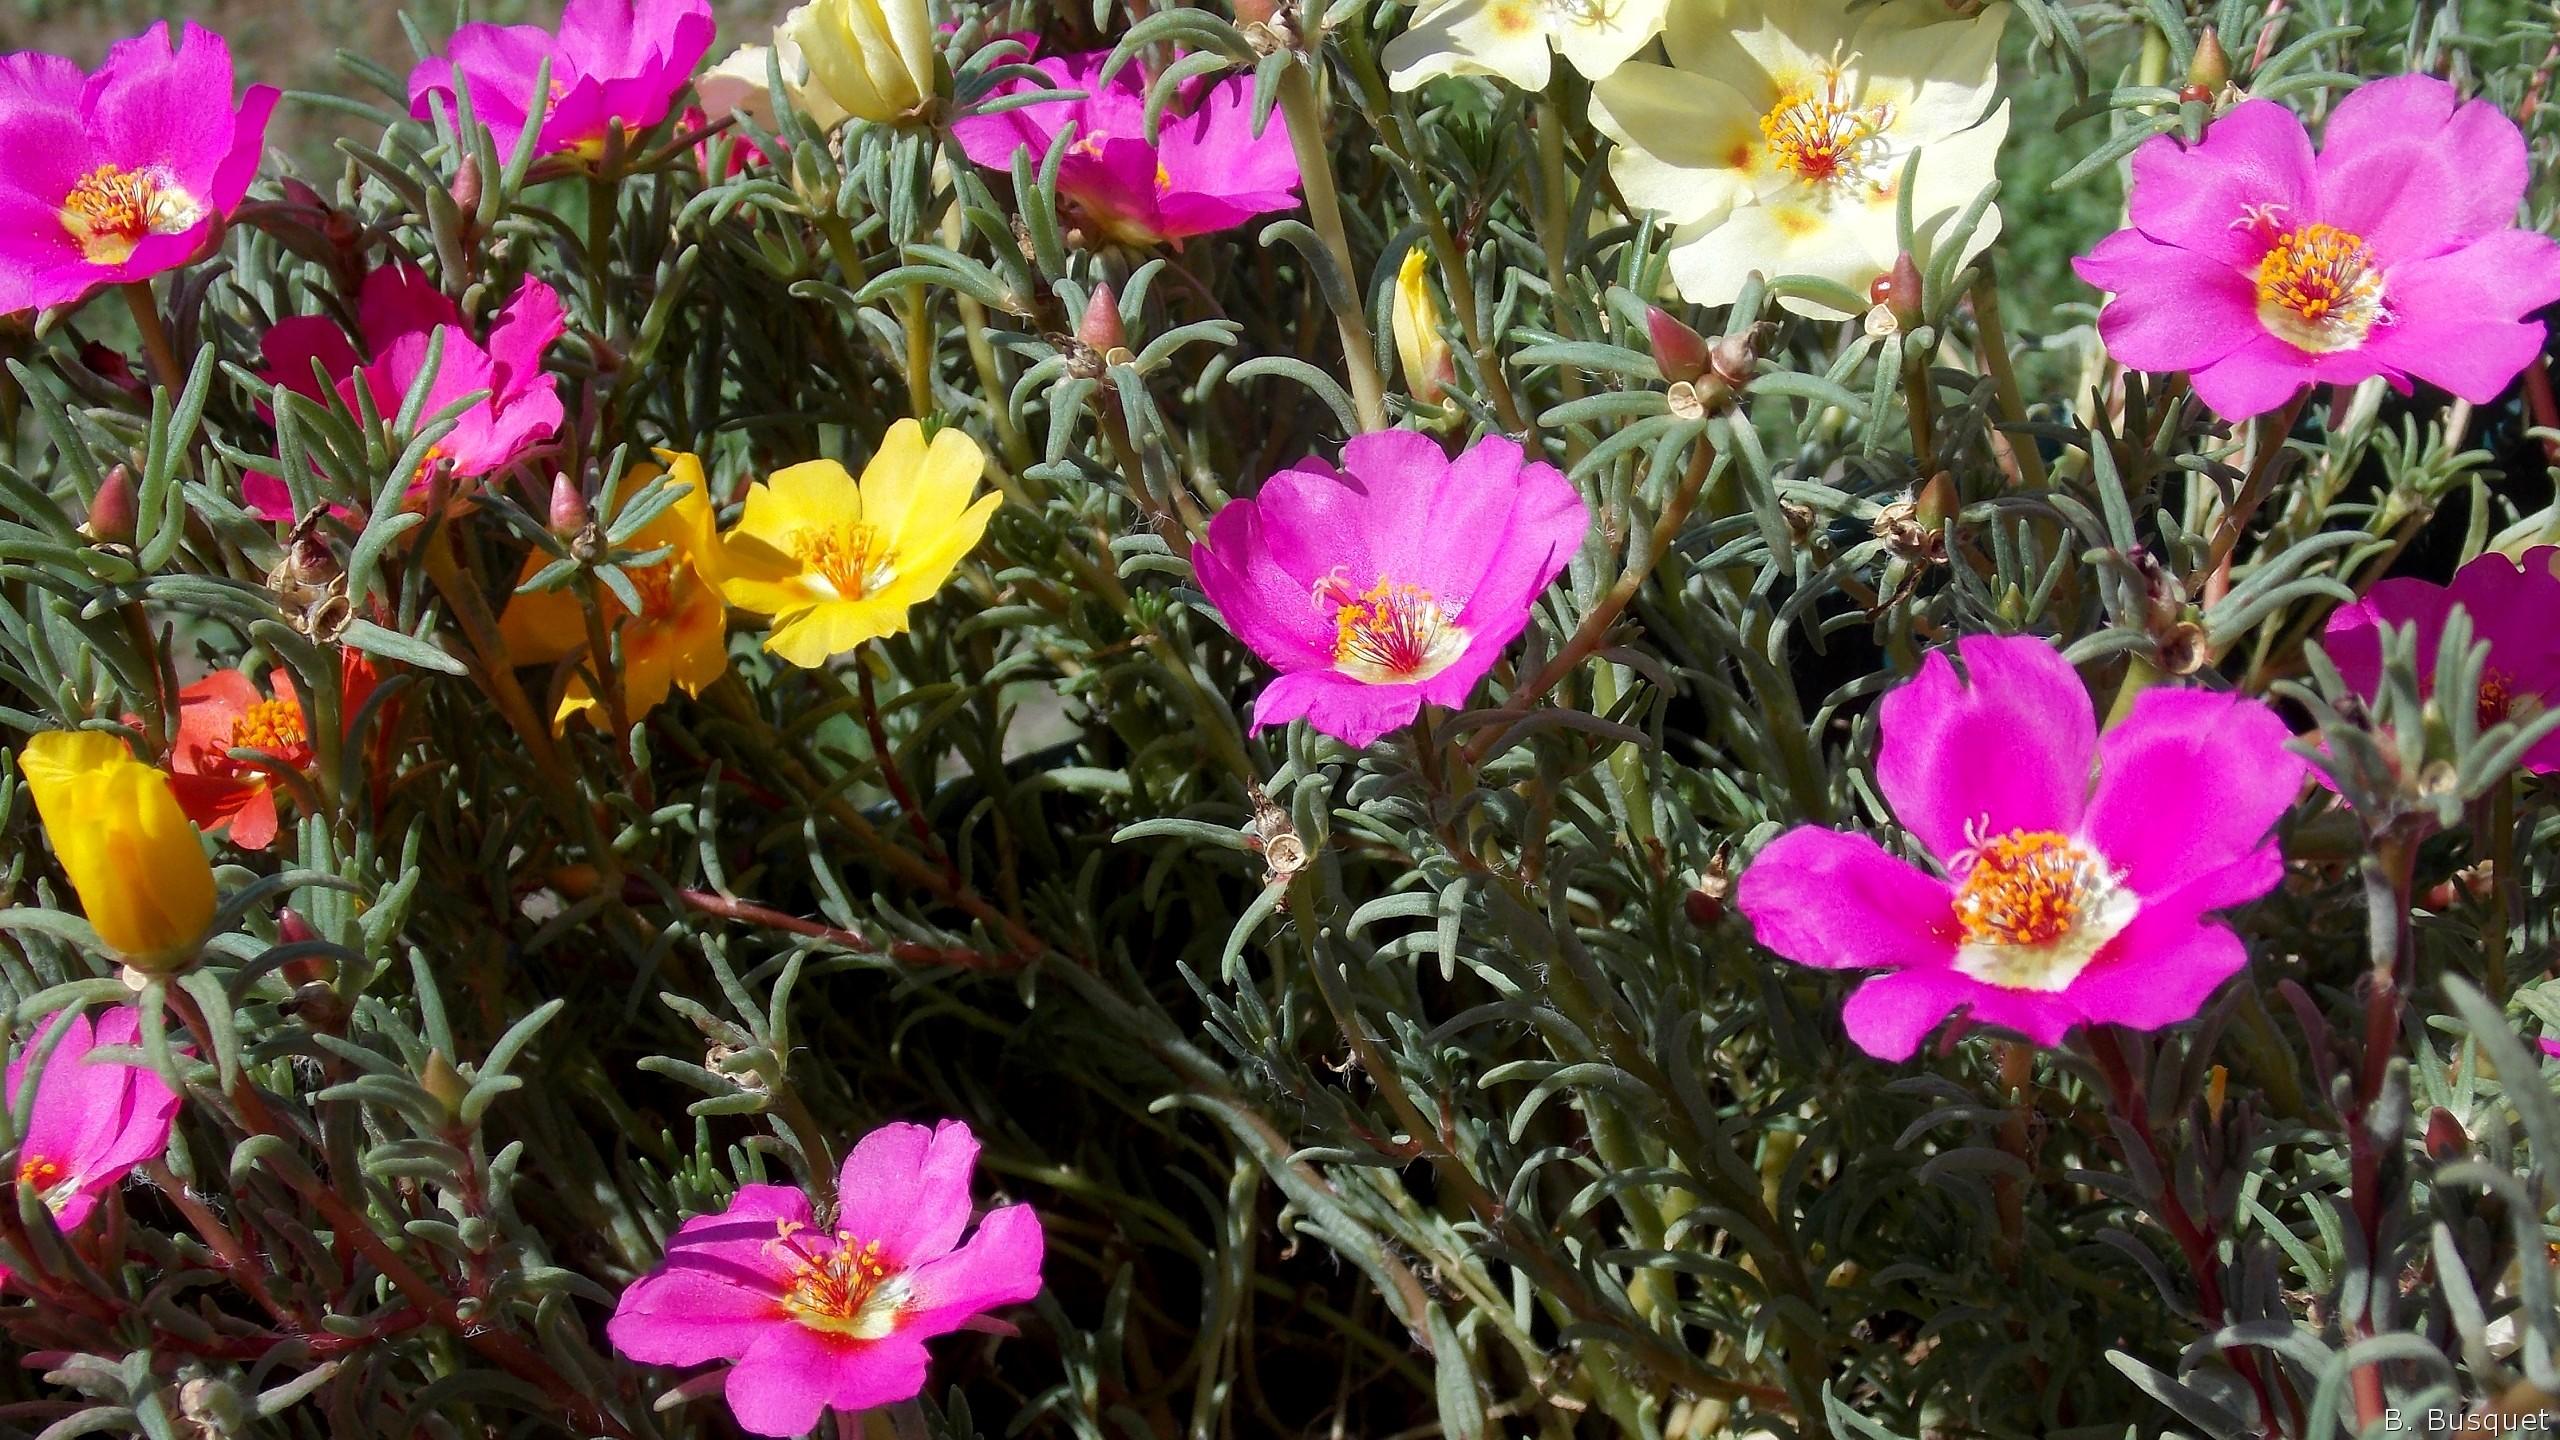 Portulaca grandiflora flowers barbaras hd wallpapers - Piante grasse con fiori ...